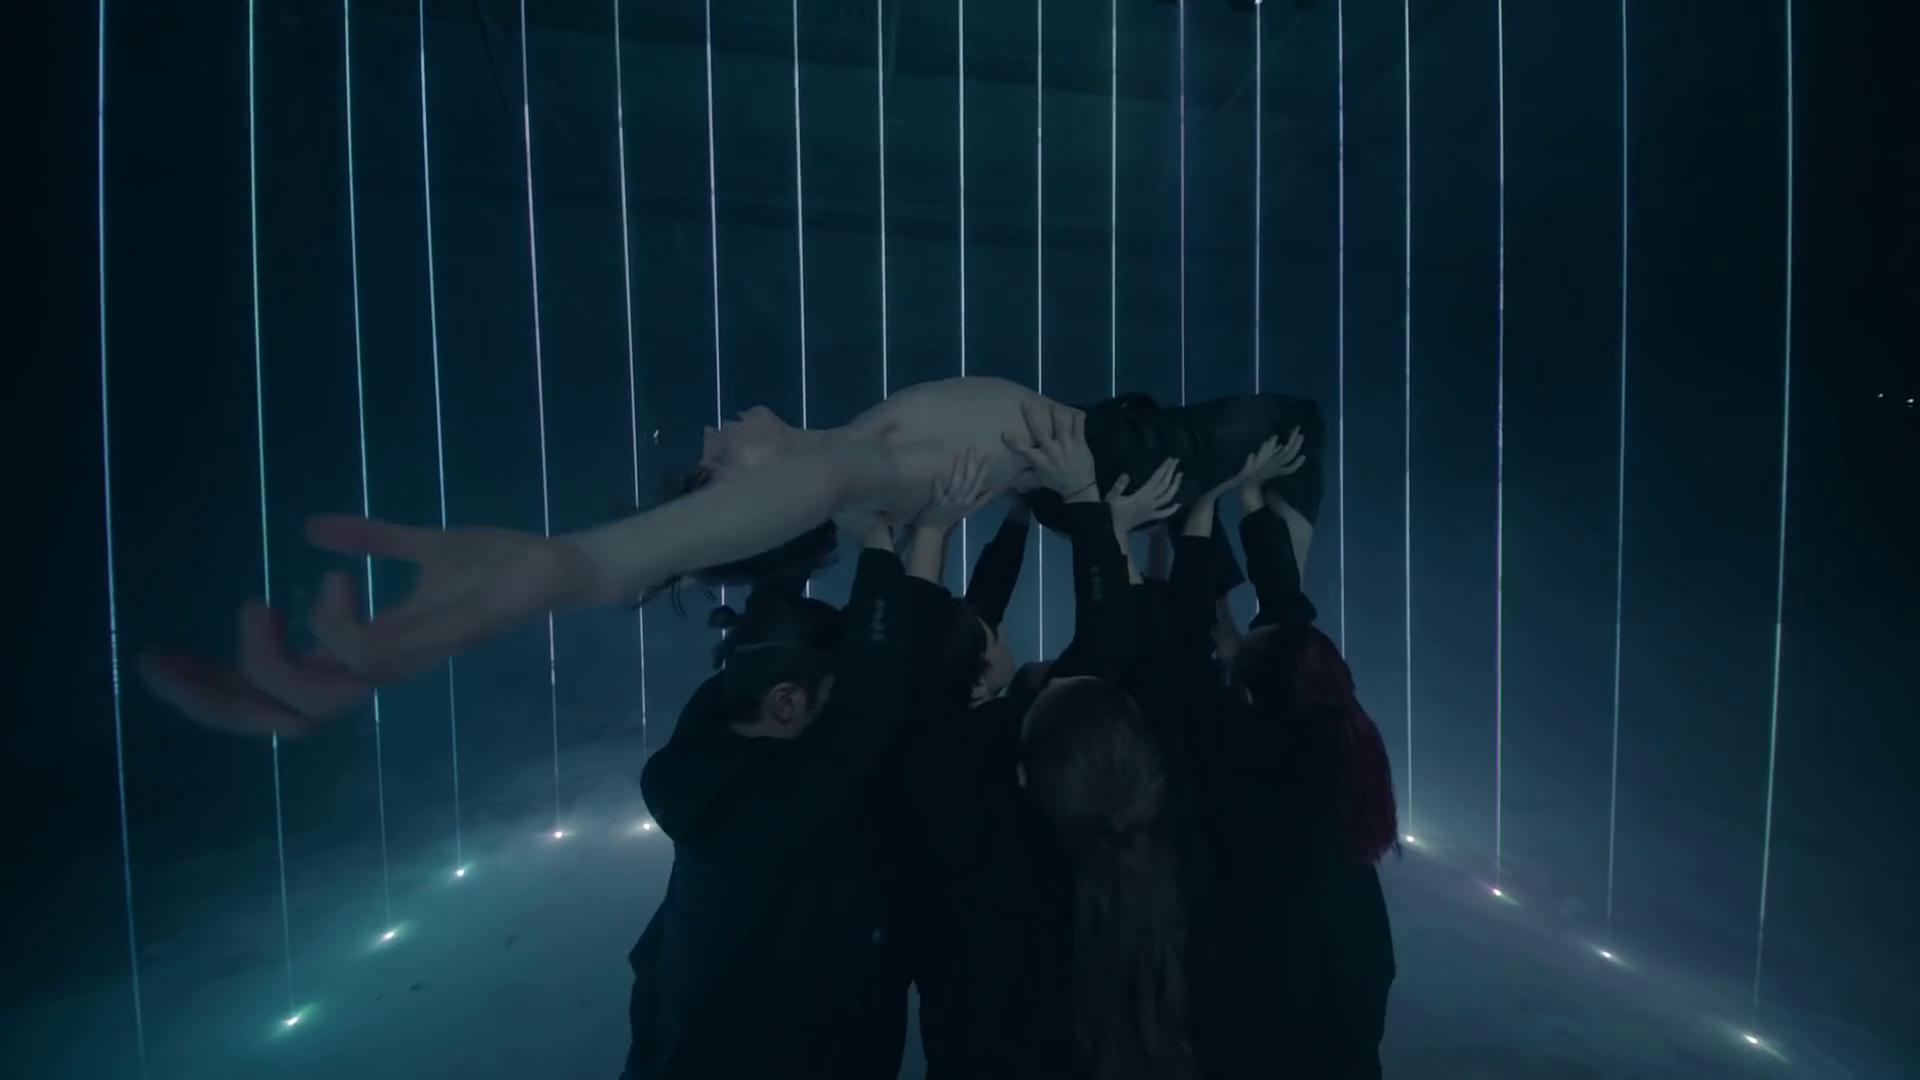 BTS - Black Swan : การตายครั้งแรกของศิลปิน